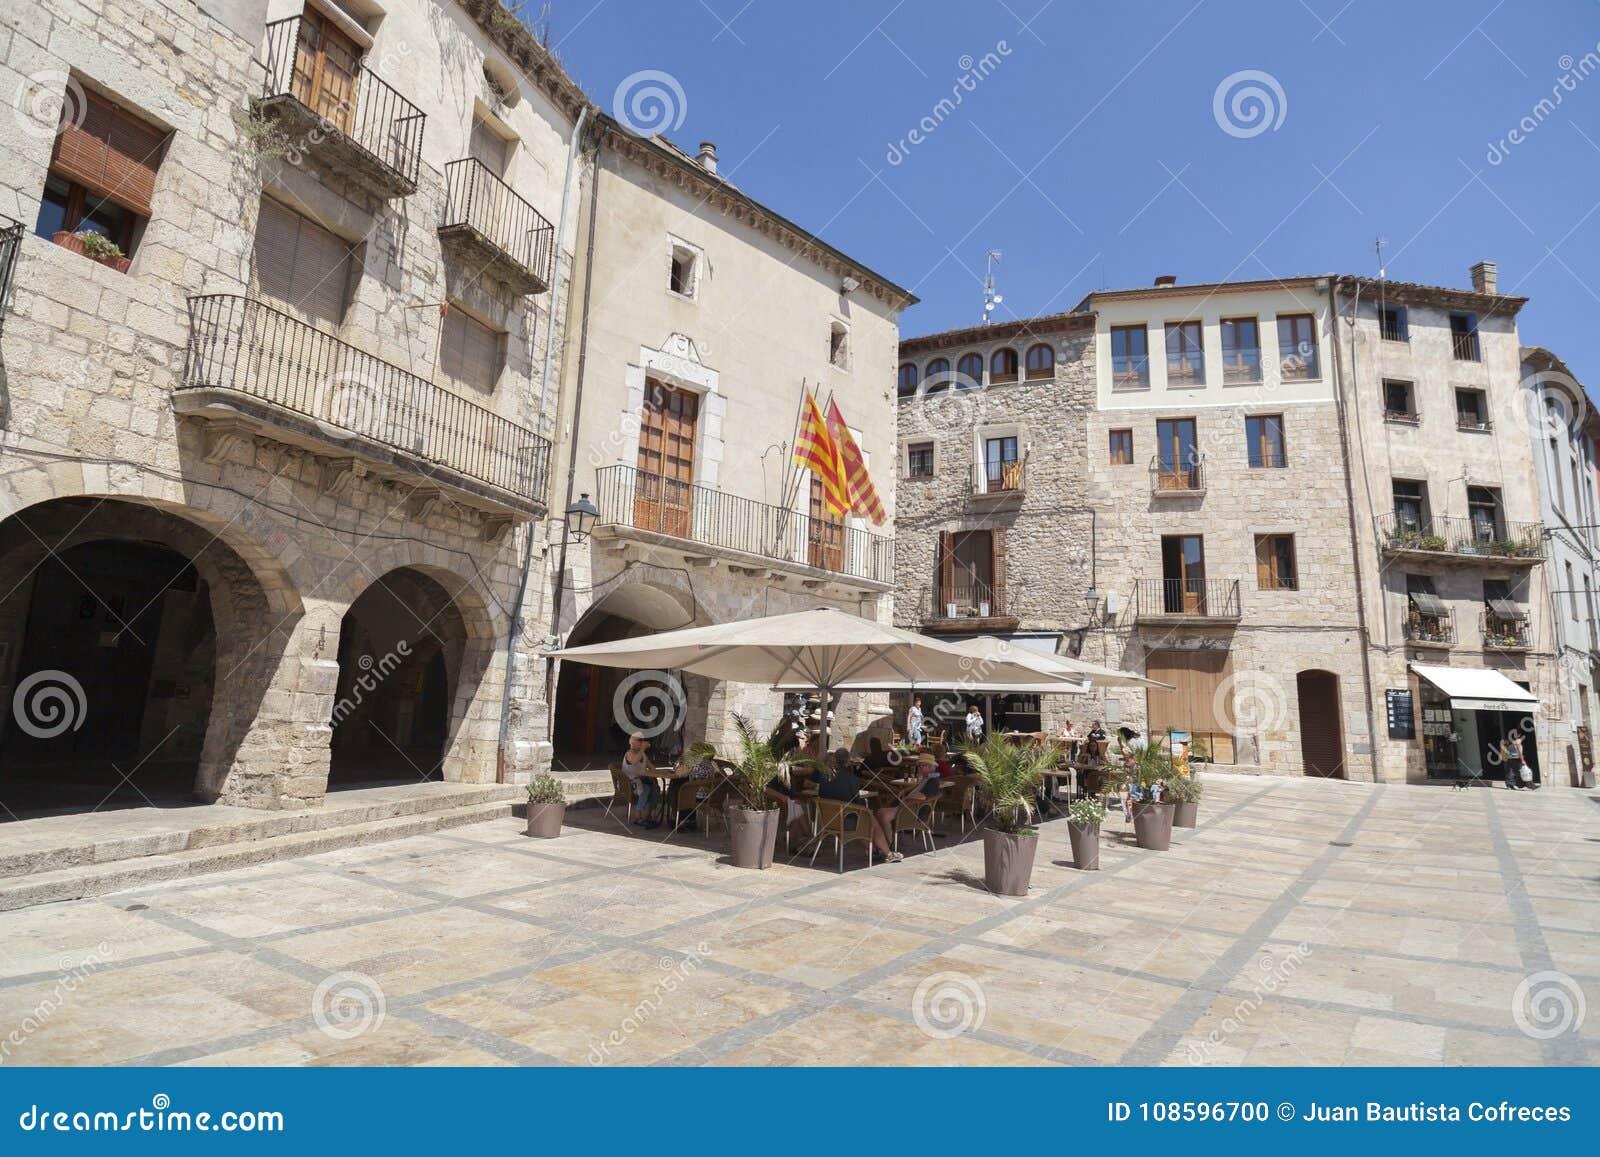 Vue de rue de village médiéval de Besalu, Catalogne, Espagne